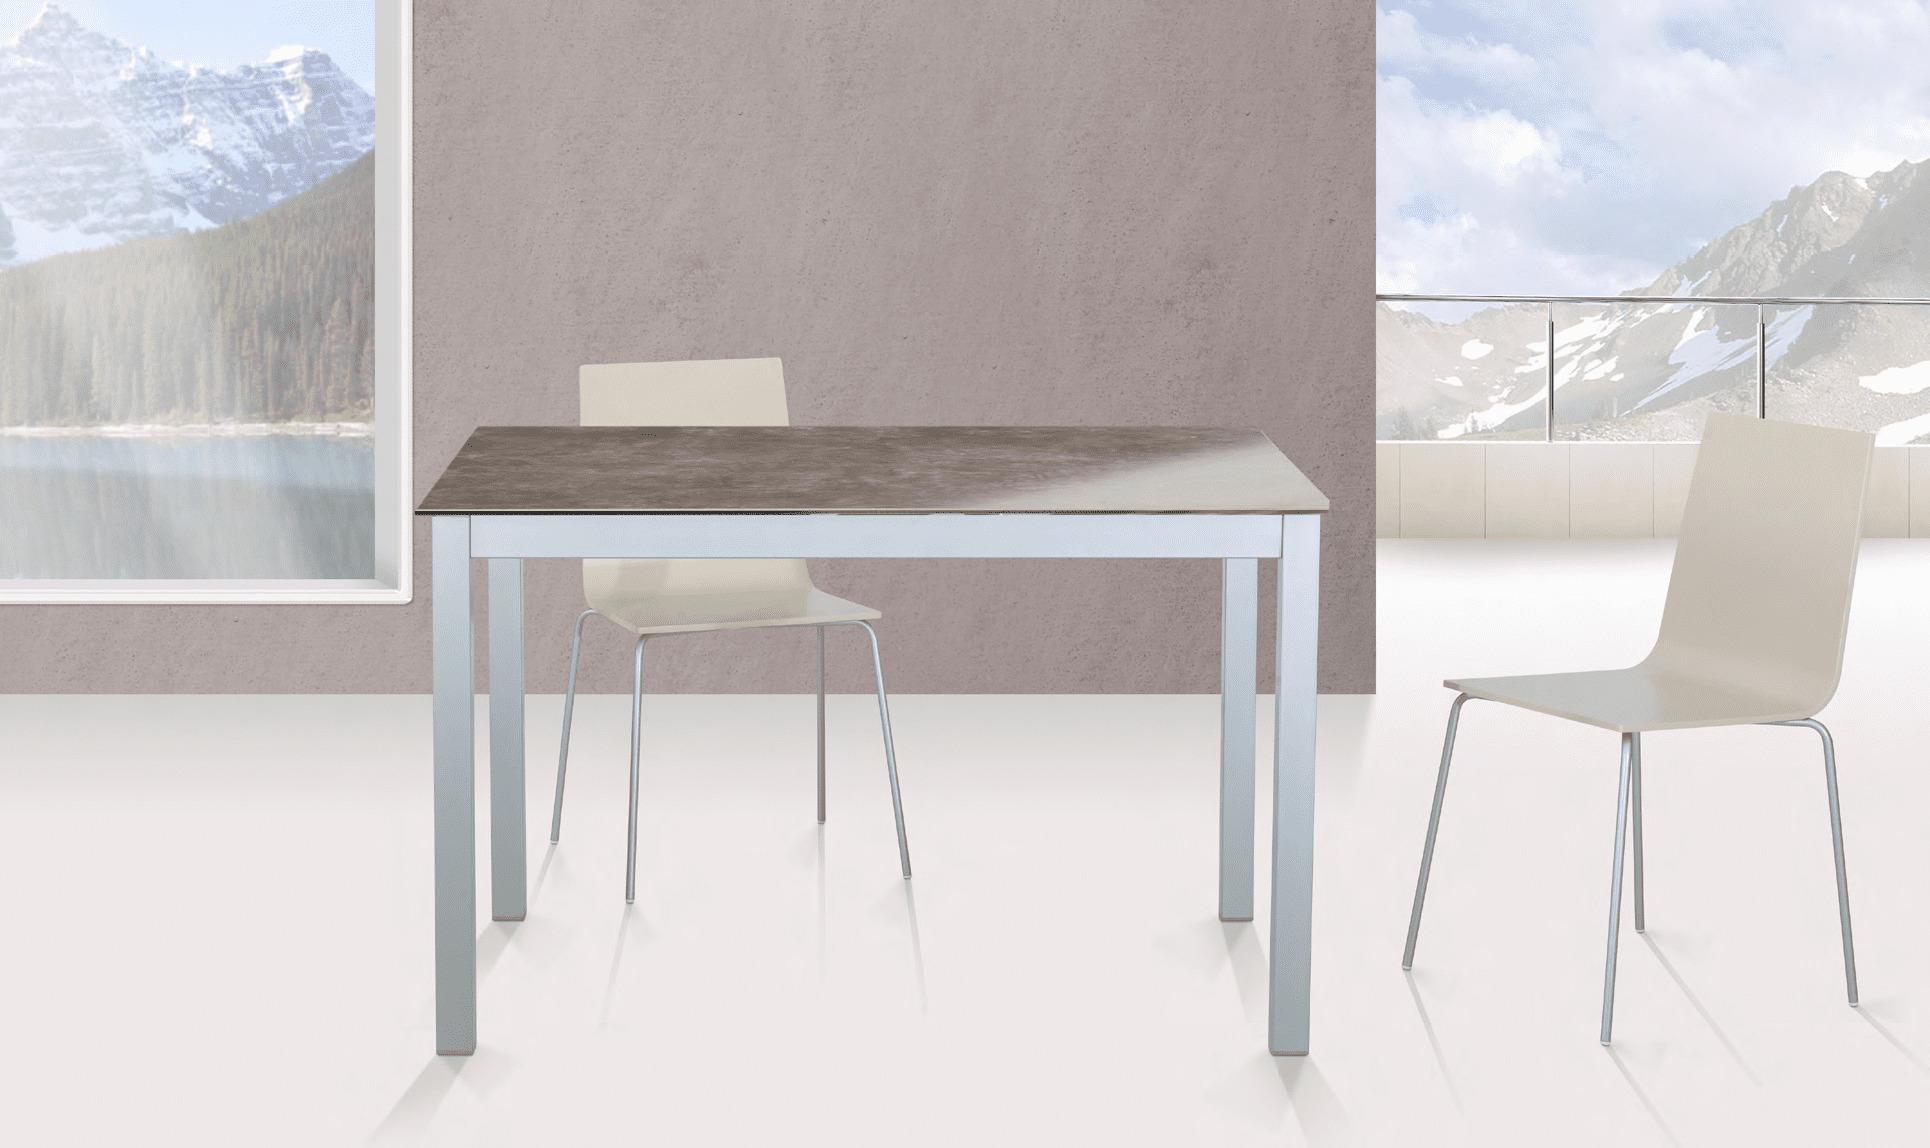 mesas-y-sillas-de-cocina-Insuperable-muebles-paco-caballero-209-5c952663f343d